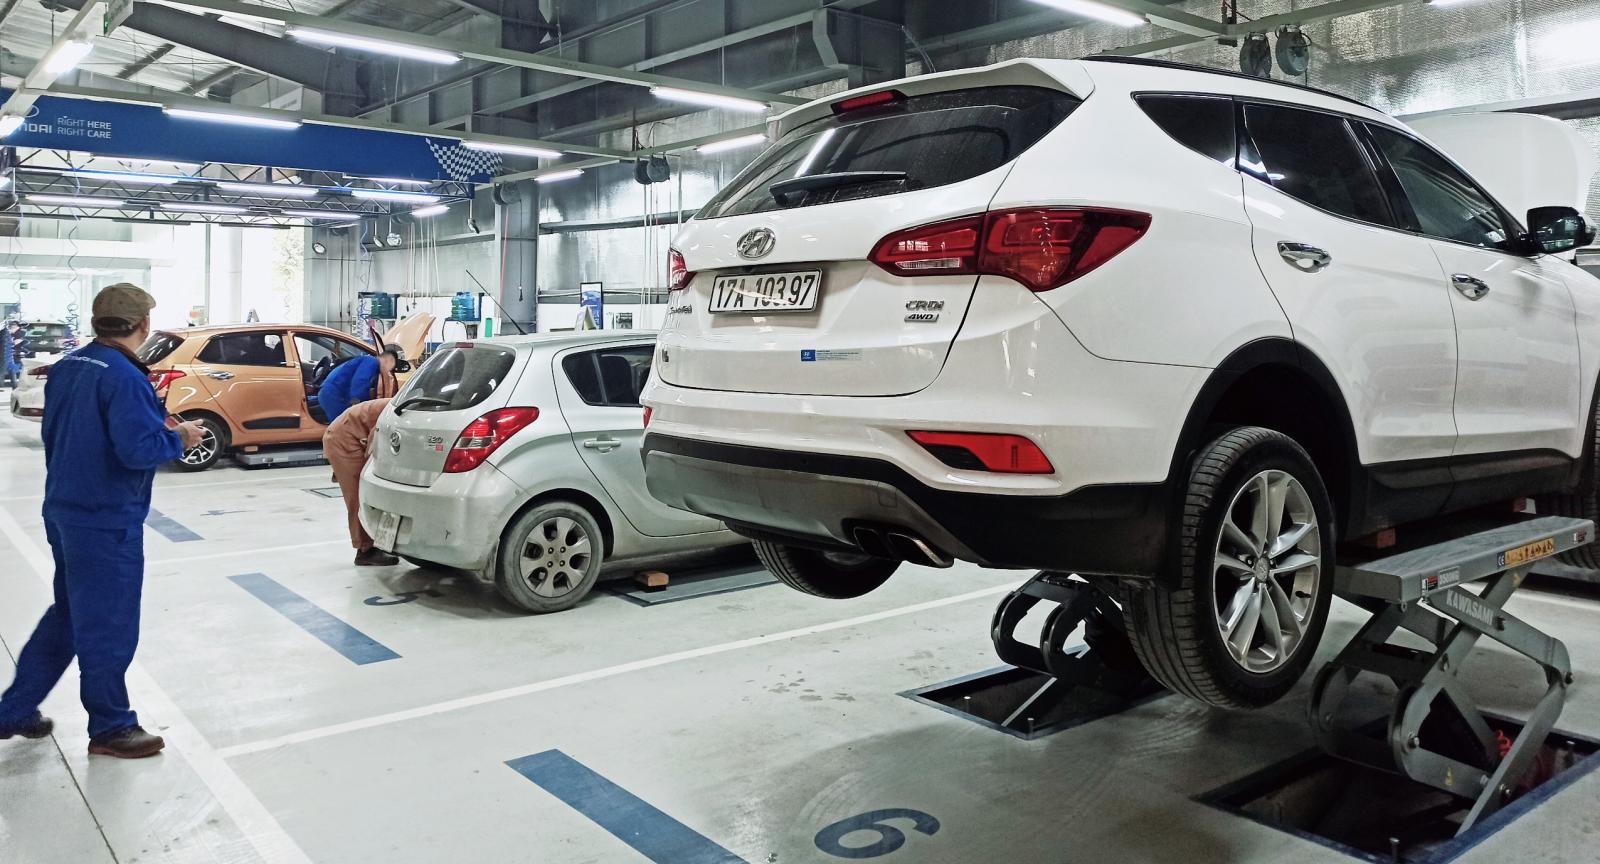 tc motor nâng bảo hành lên 5 năm cho các dòng xe du lịch